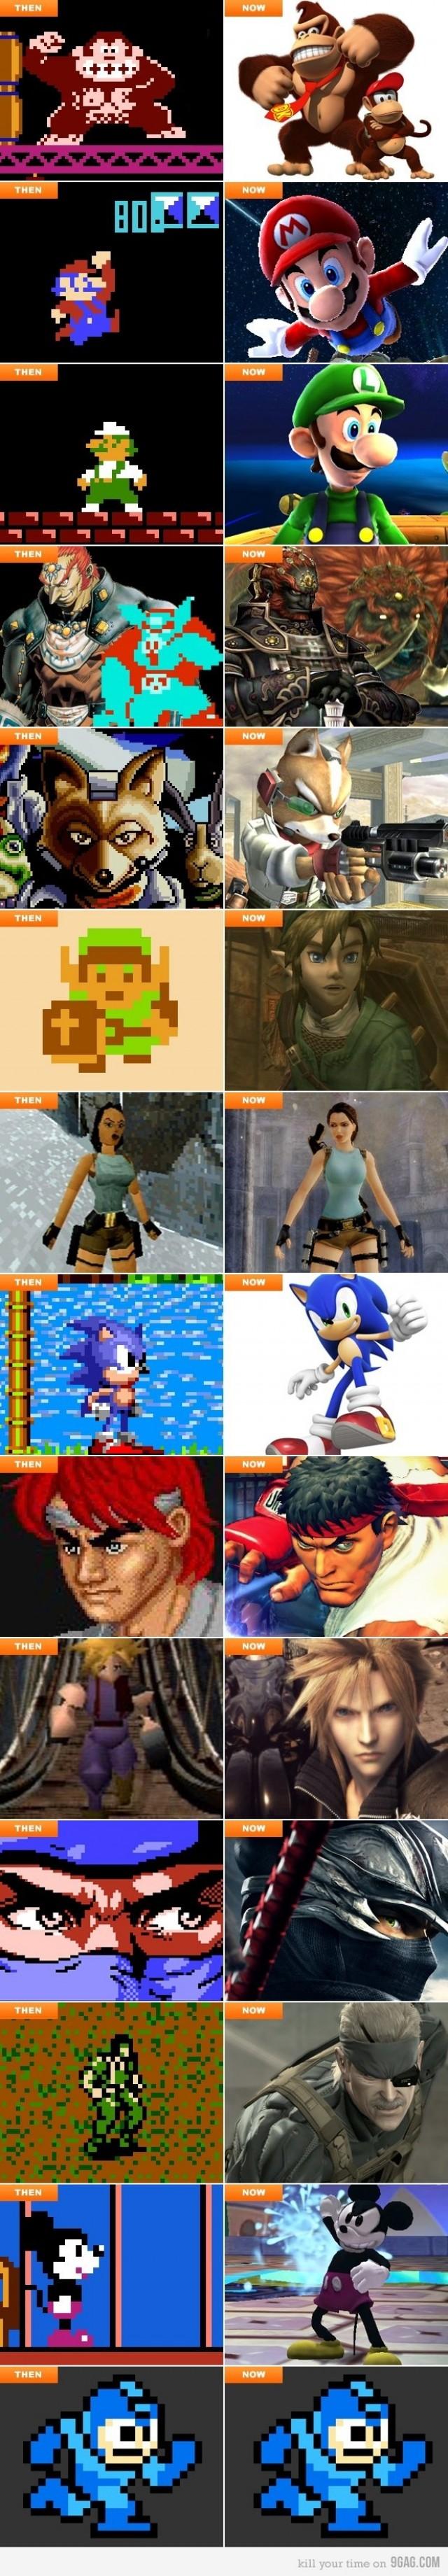 Personajes de los videojuegos antes y despues